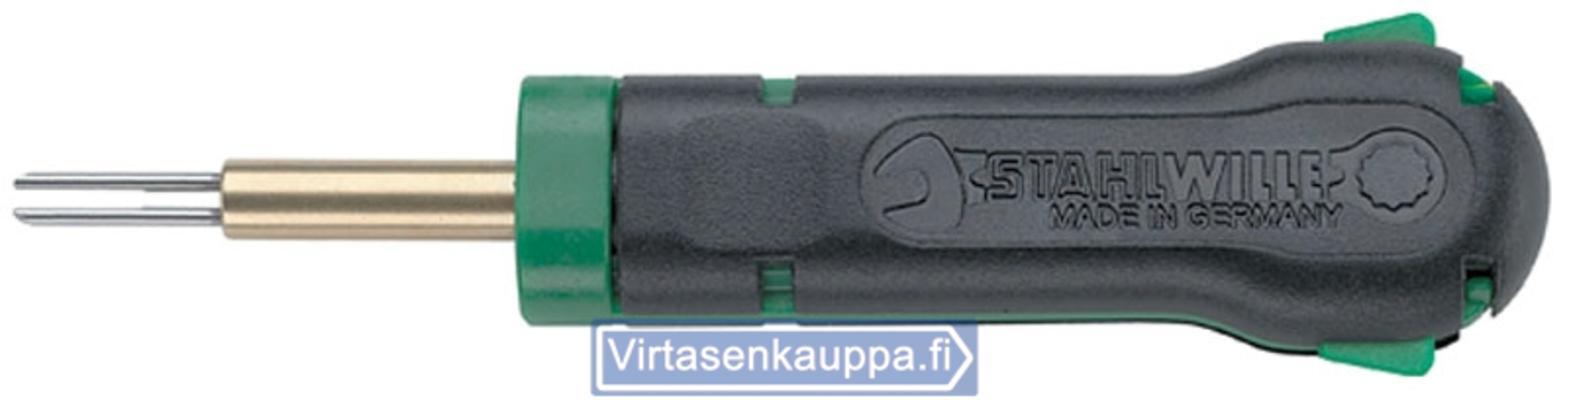 Kabelex® -irrotustyökalu 1576, Stahlwille - Kabelex® -irrotustyökalu 1576